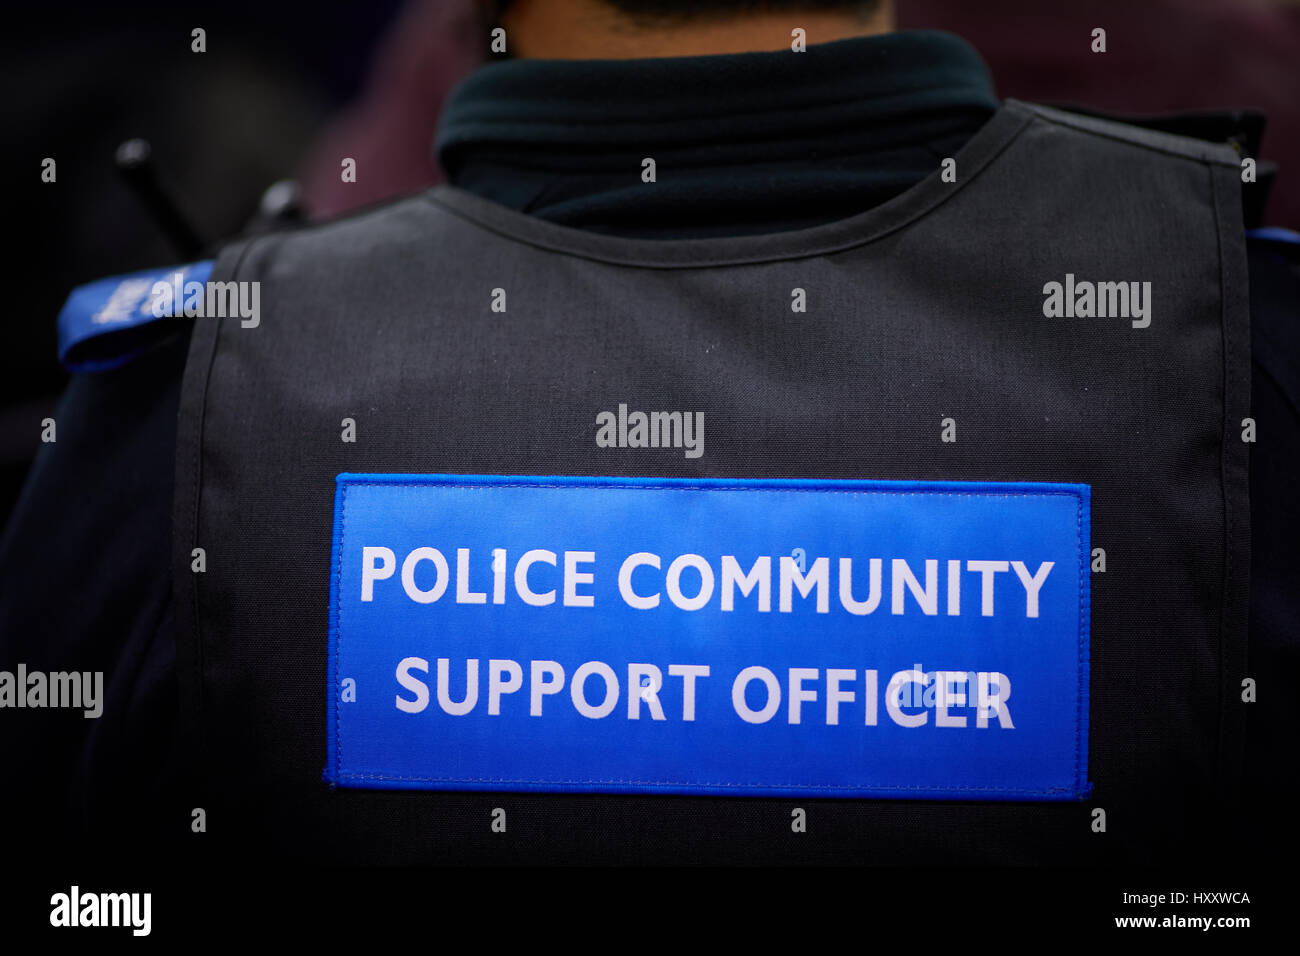 Apoyo de la policía de la comunidad oficial, PCSO monograma en la espalda de un chaleco. Imagen De Stock